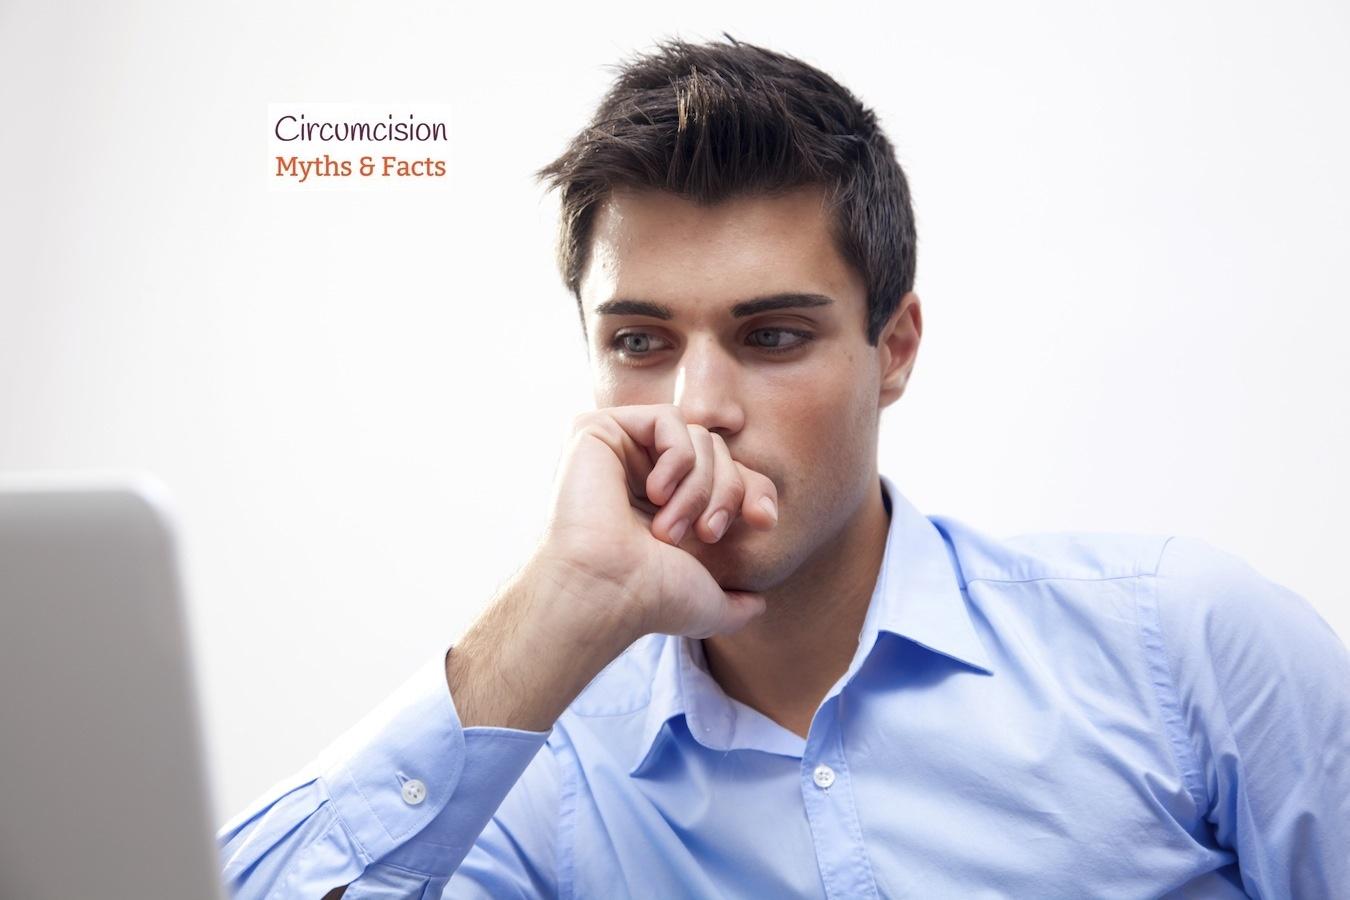 6-Adult-Circumcision-Myths